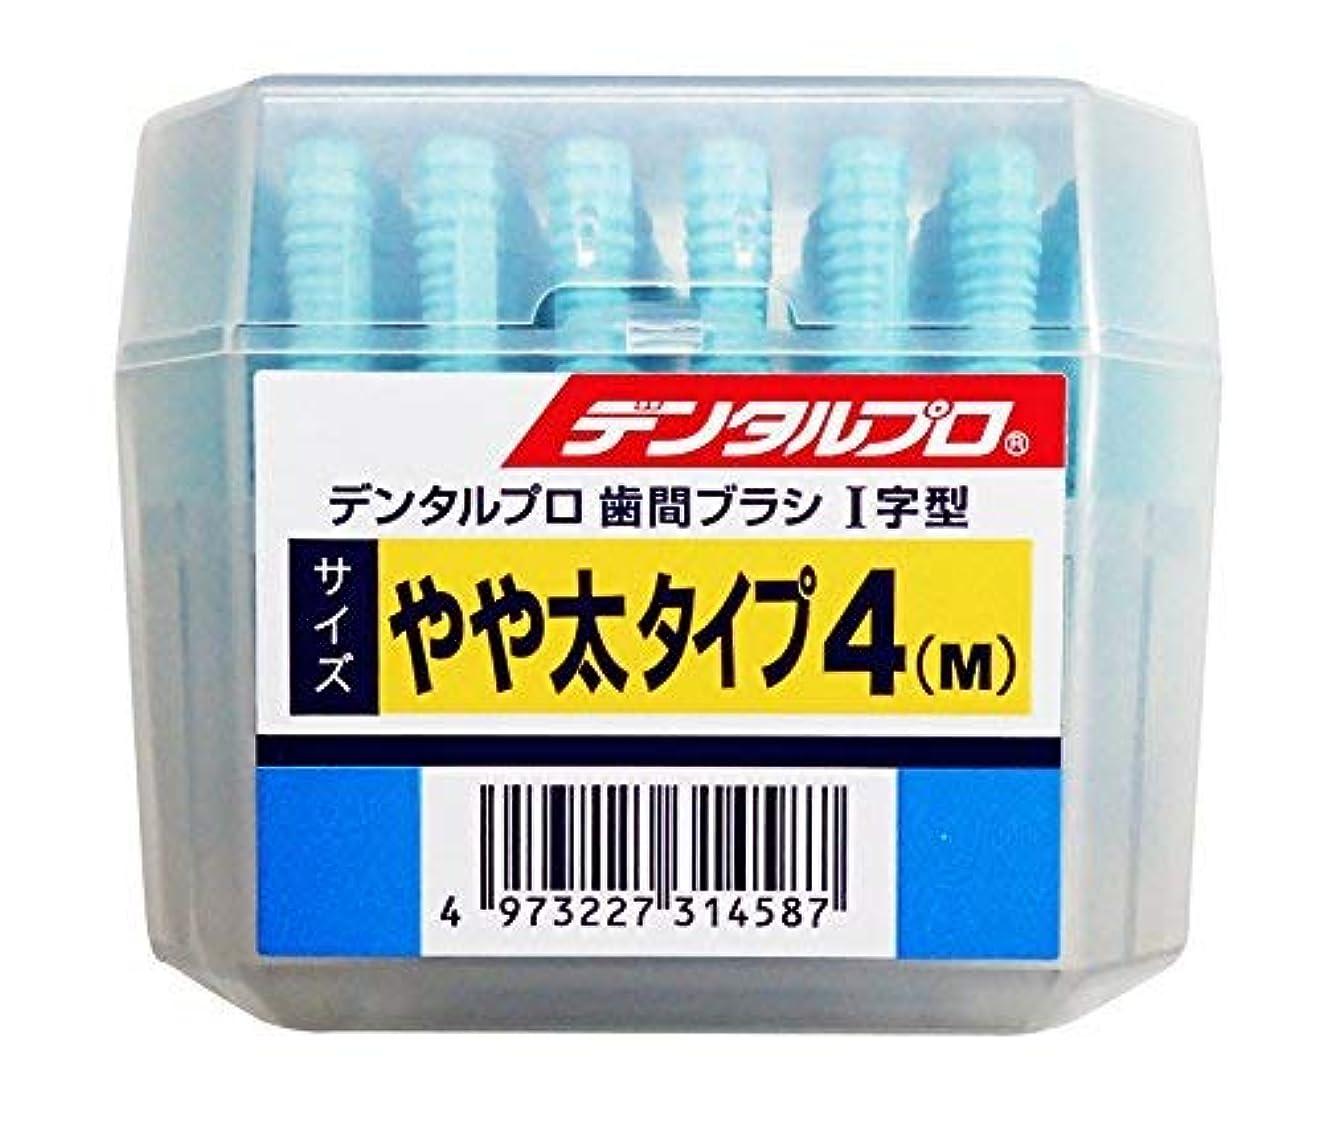 フォアマンフェデレーション雰囲気デンタルプロ歯間ブラシ I字 50P サイズ4(M) × 5個セット